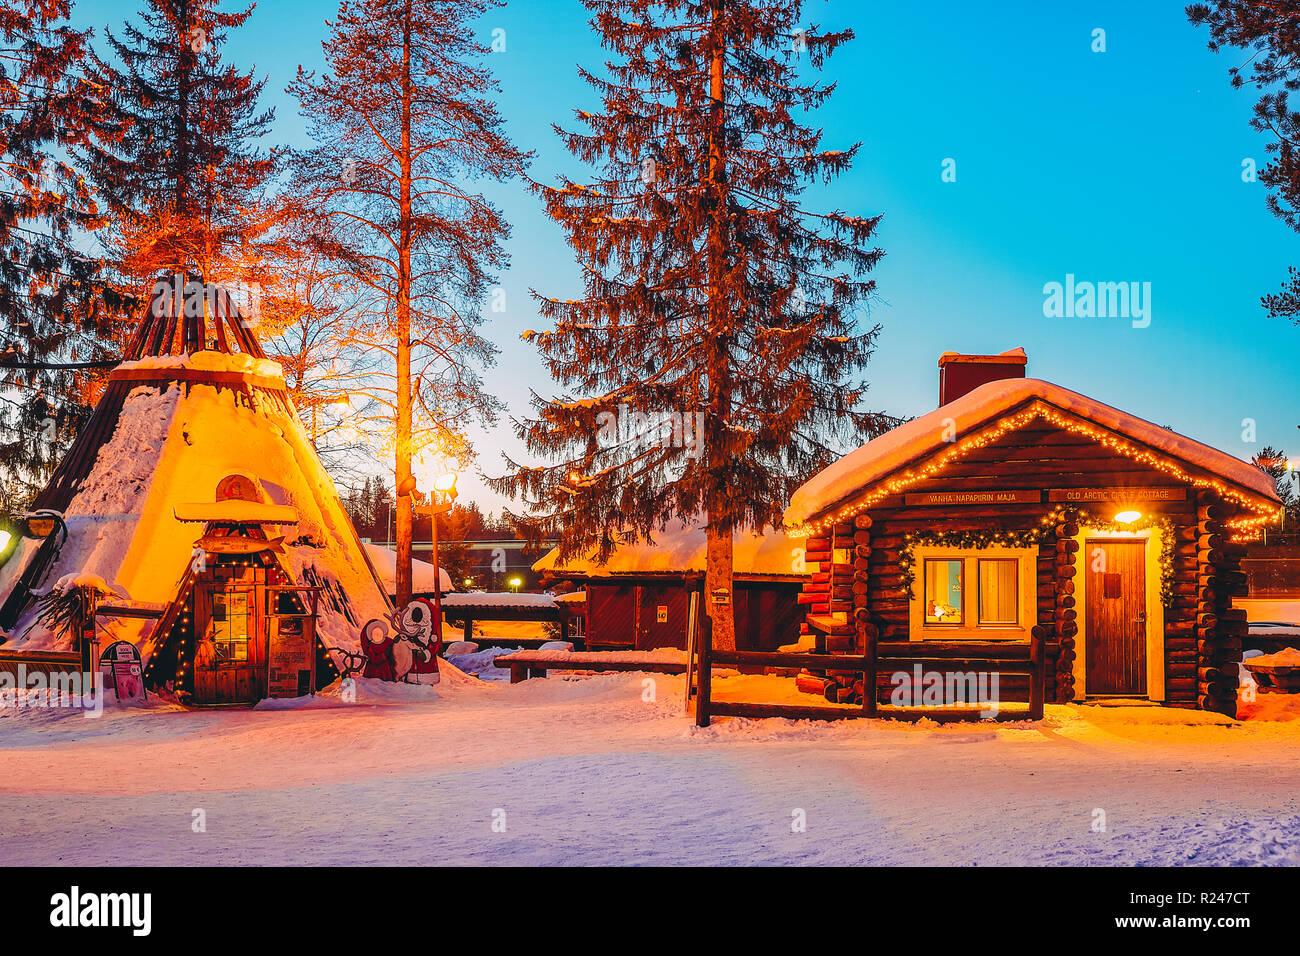 Rovaniemi Finlandia Villaggio Di Babbo Natale.Rovaniemi Finlandia 5 Marzo 2017 Case Tradizionali Al Villaggio Di Babbo Natale A Rovaniemi In Lapponia In Finlandia Foto Stock Alamy